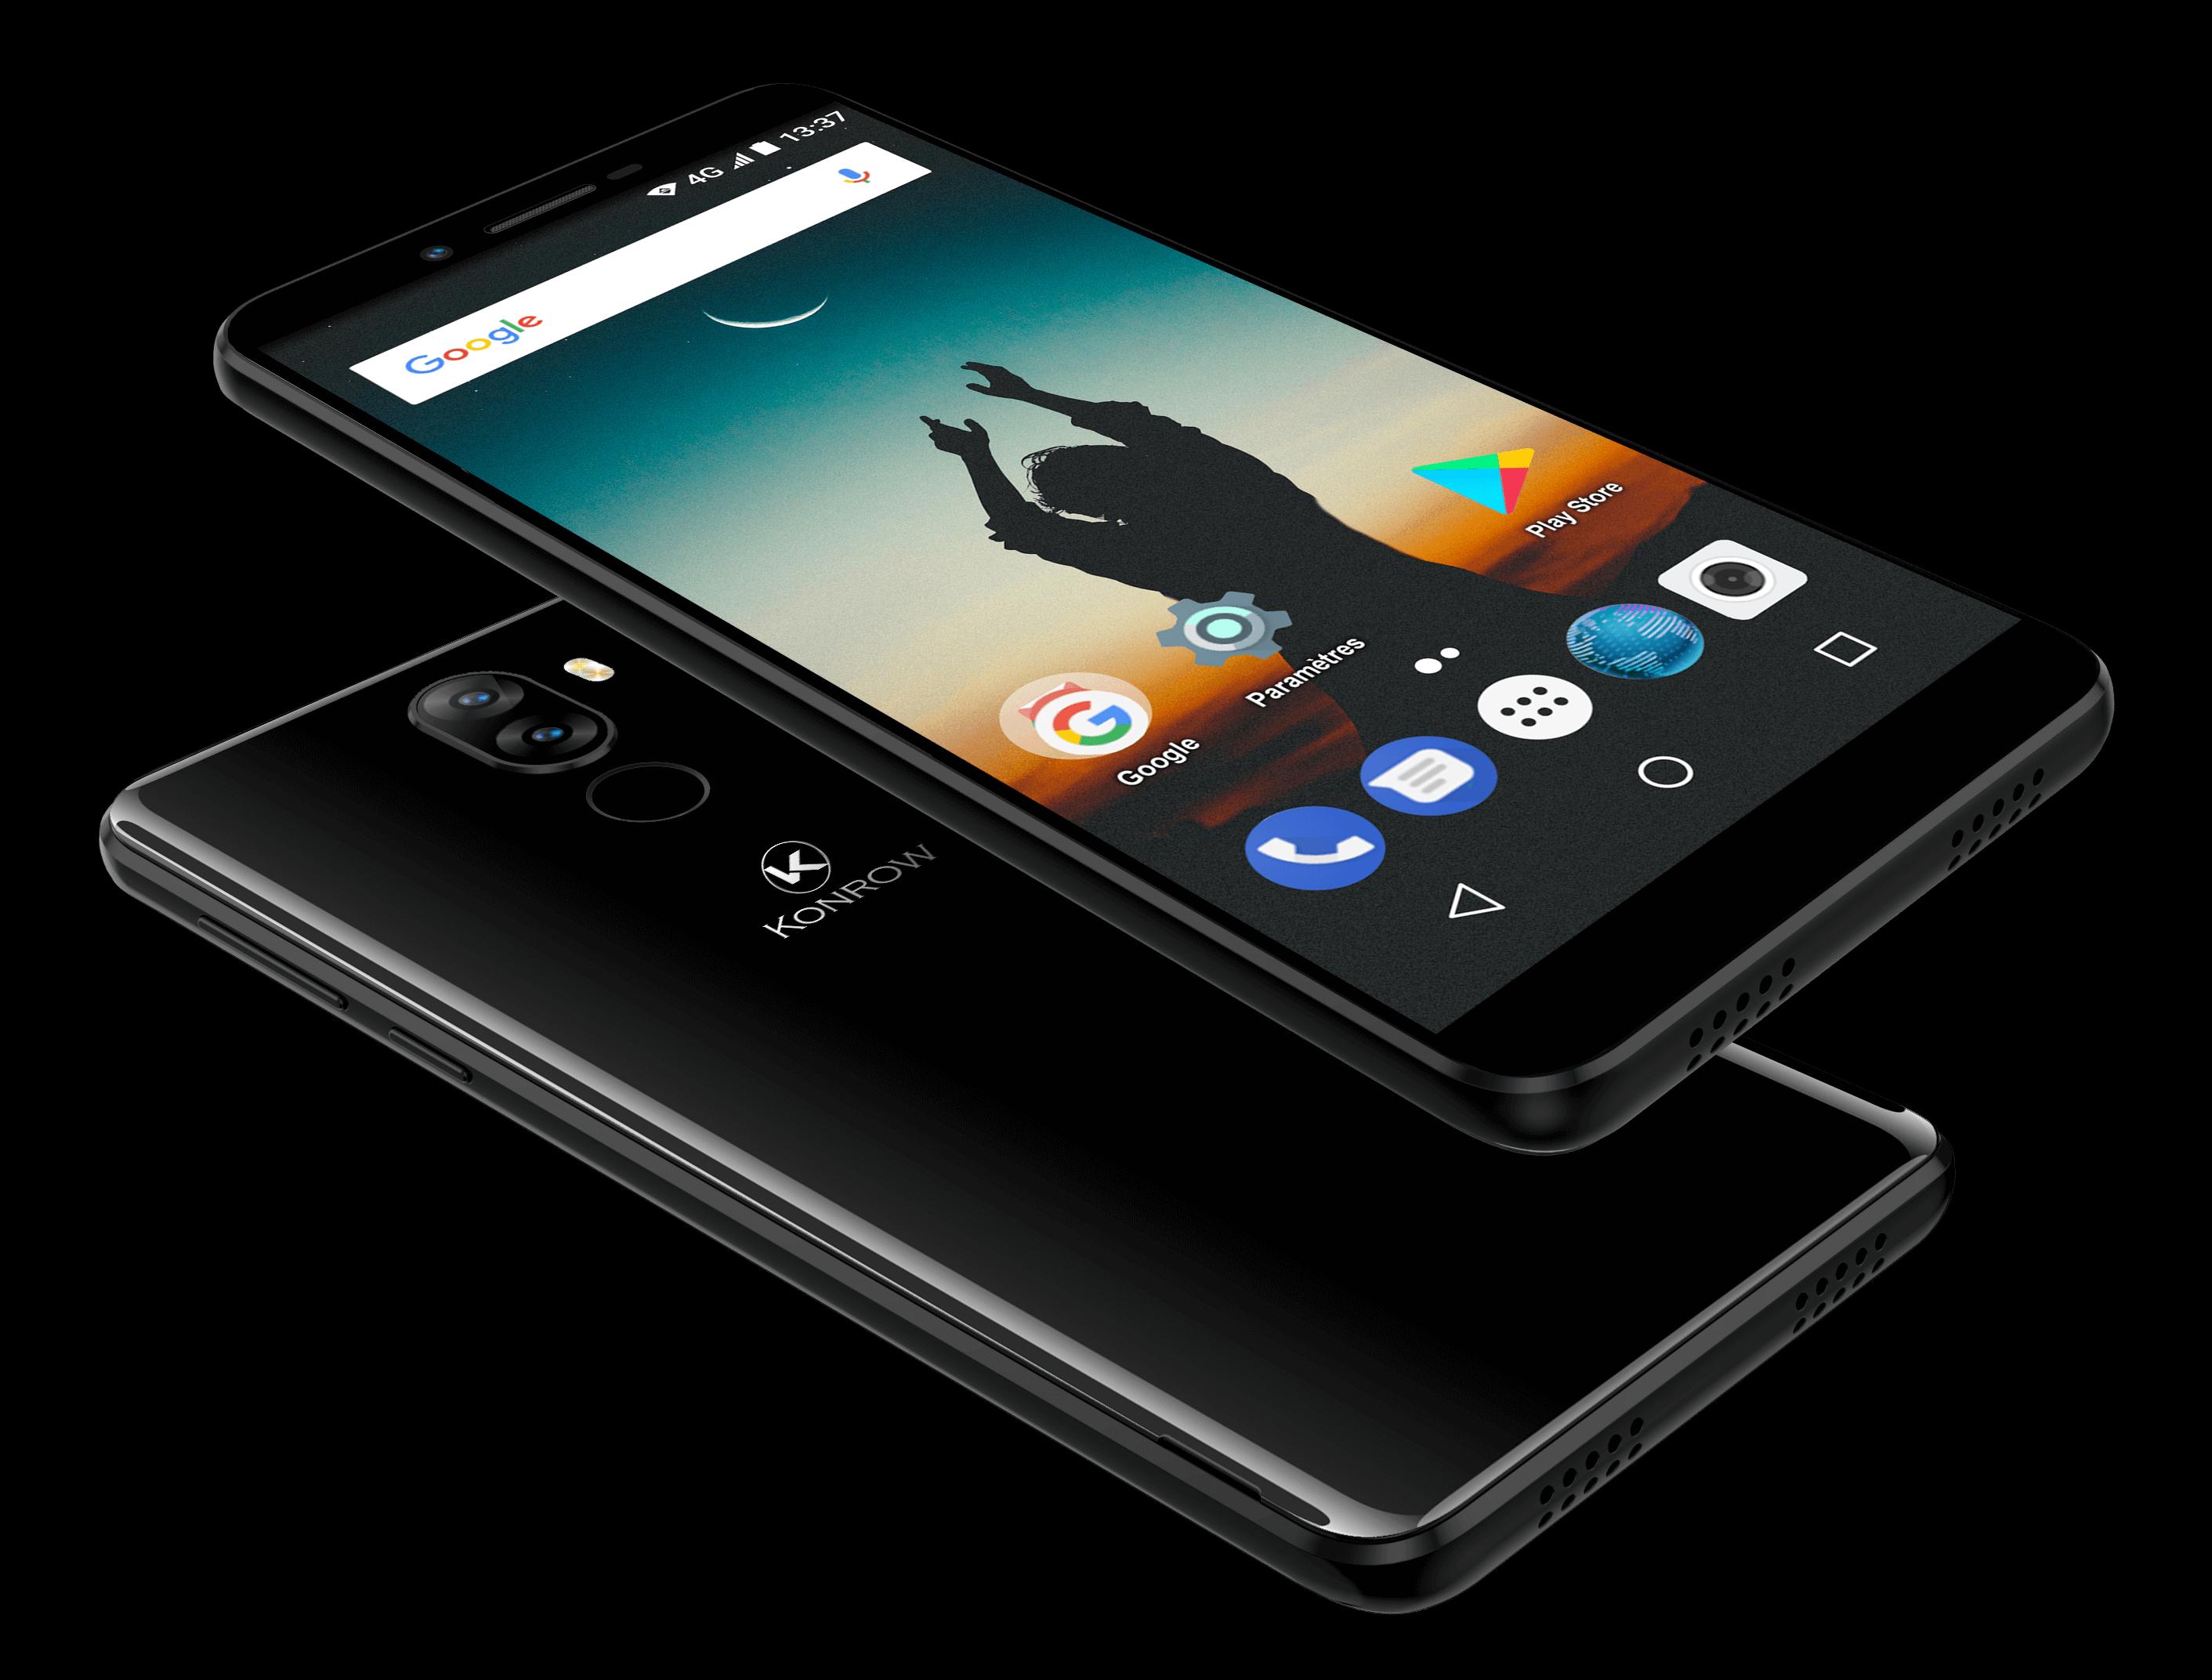 Le smartphone Sky est équipé d'une batterie 3000 mAh